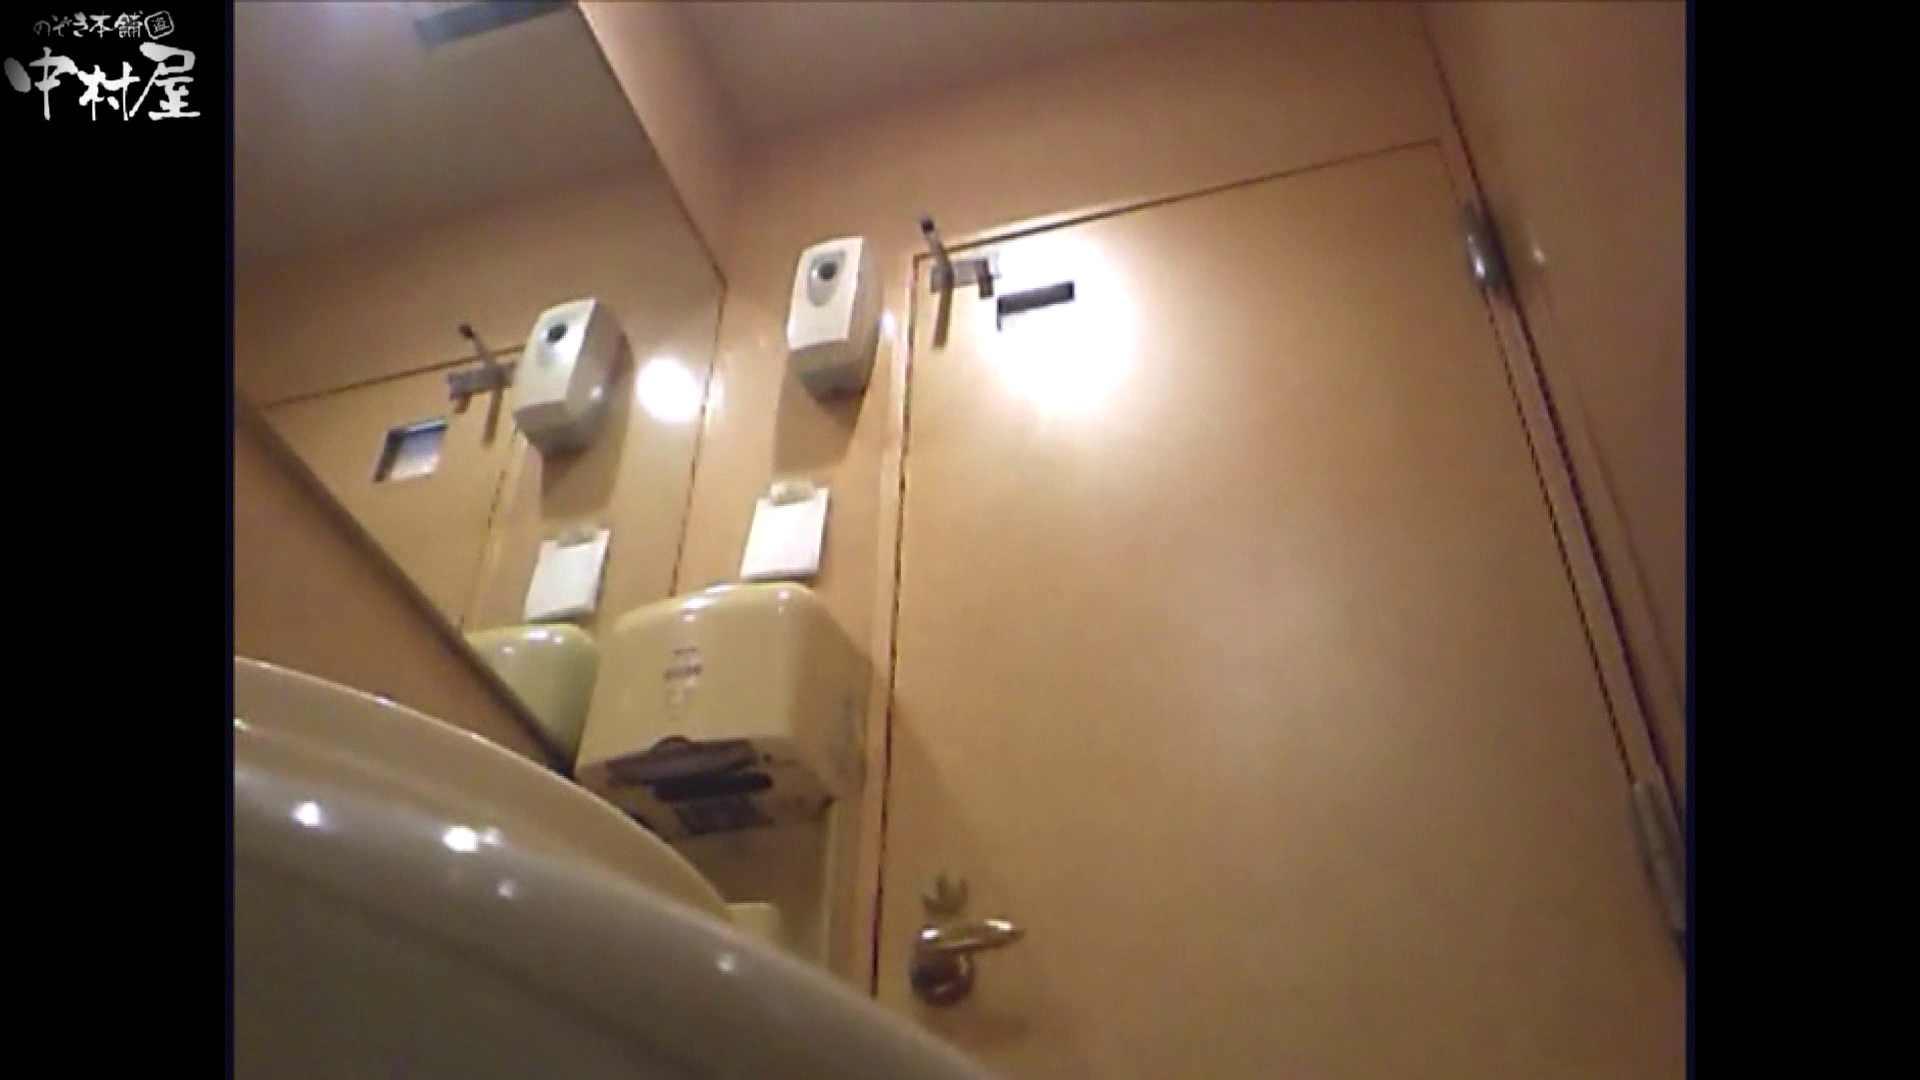 突撃!女子化粧室の真実vol.38 熟女のエロ動画 オメコ無修正動画無料 113PIX 43